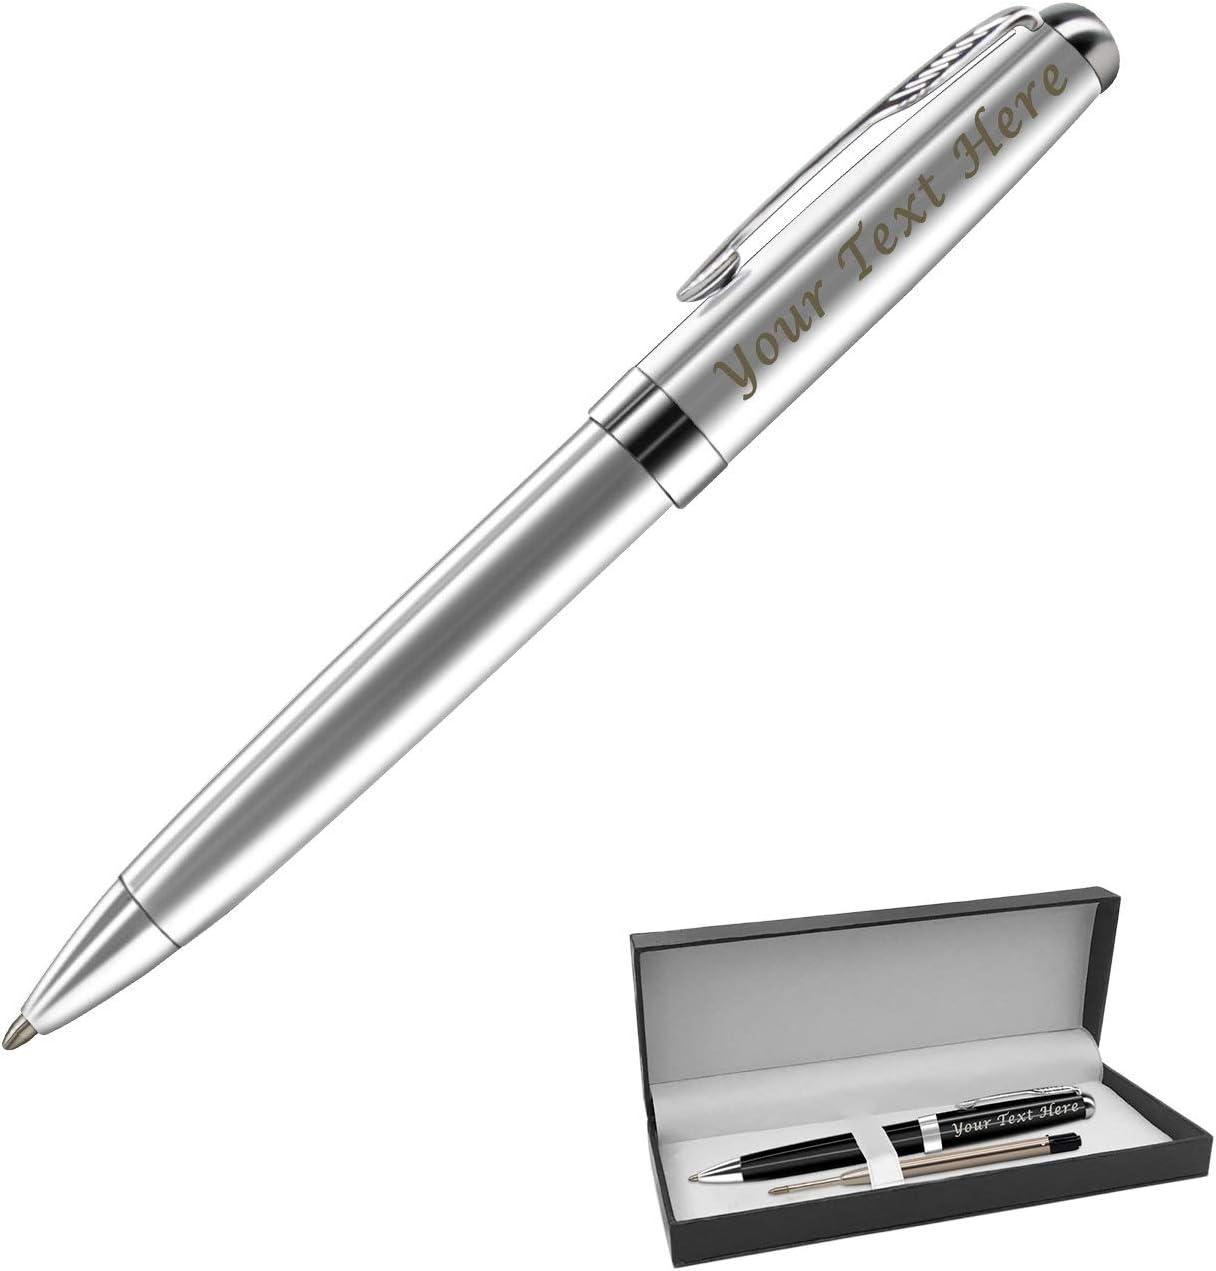 Bolígrafo retráctil con grabado personalizado para hombre, tinta negra, color plateado: Amazon.es: Oficina y papelería